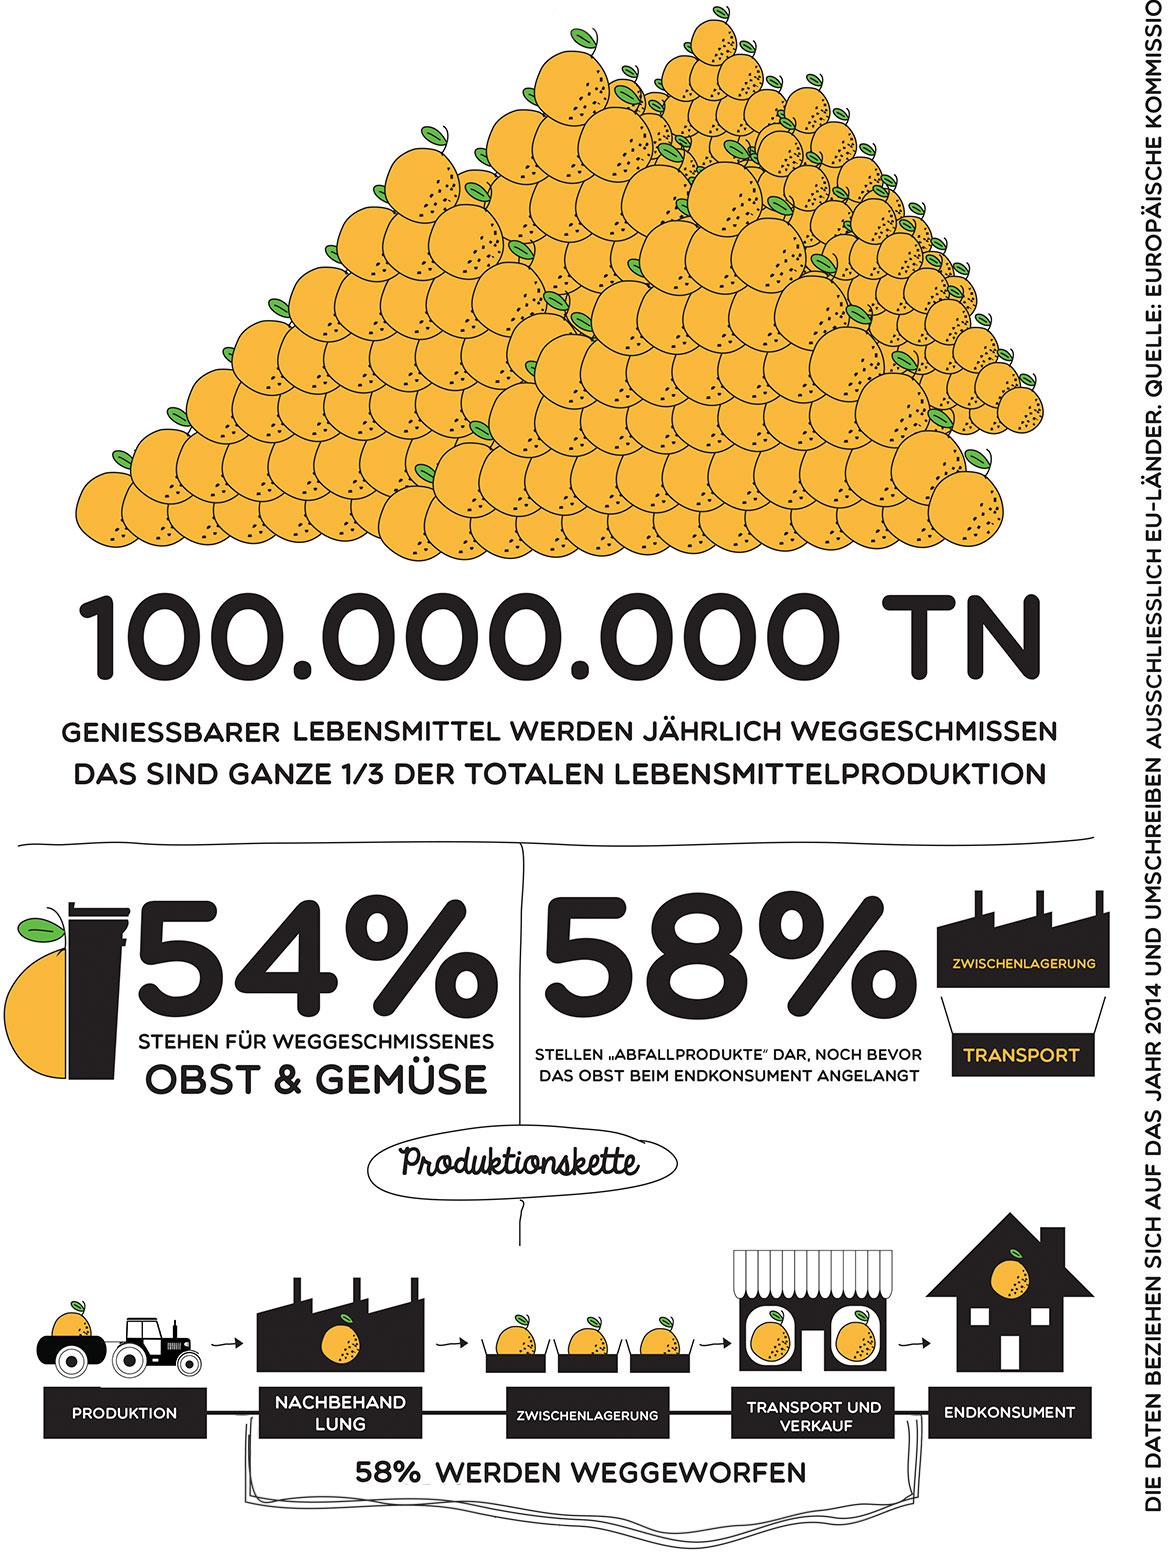 100.000.000 TN geniebbarer lebensmittel werden jährlich weggeschmissen das sind ganze 1/3 der totalen lebensmittelproduktion, 54% stehen für weggeschmissenes obst & gemüse, 58% stellen abfallprodukte da, noch bevor das obst beim endkonsument angelangt zwischenlagerung transport.